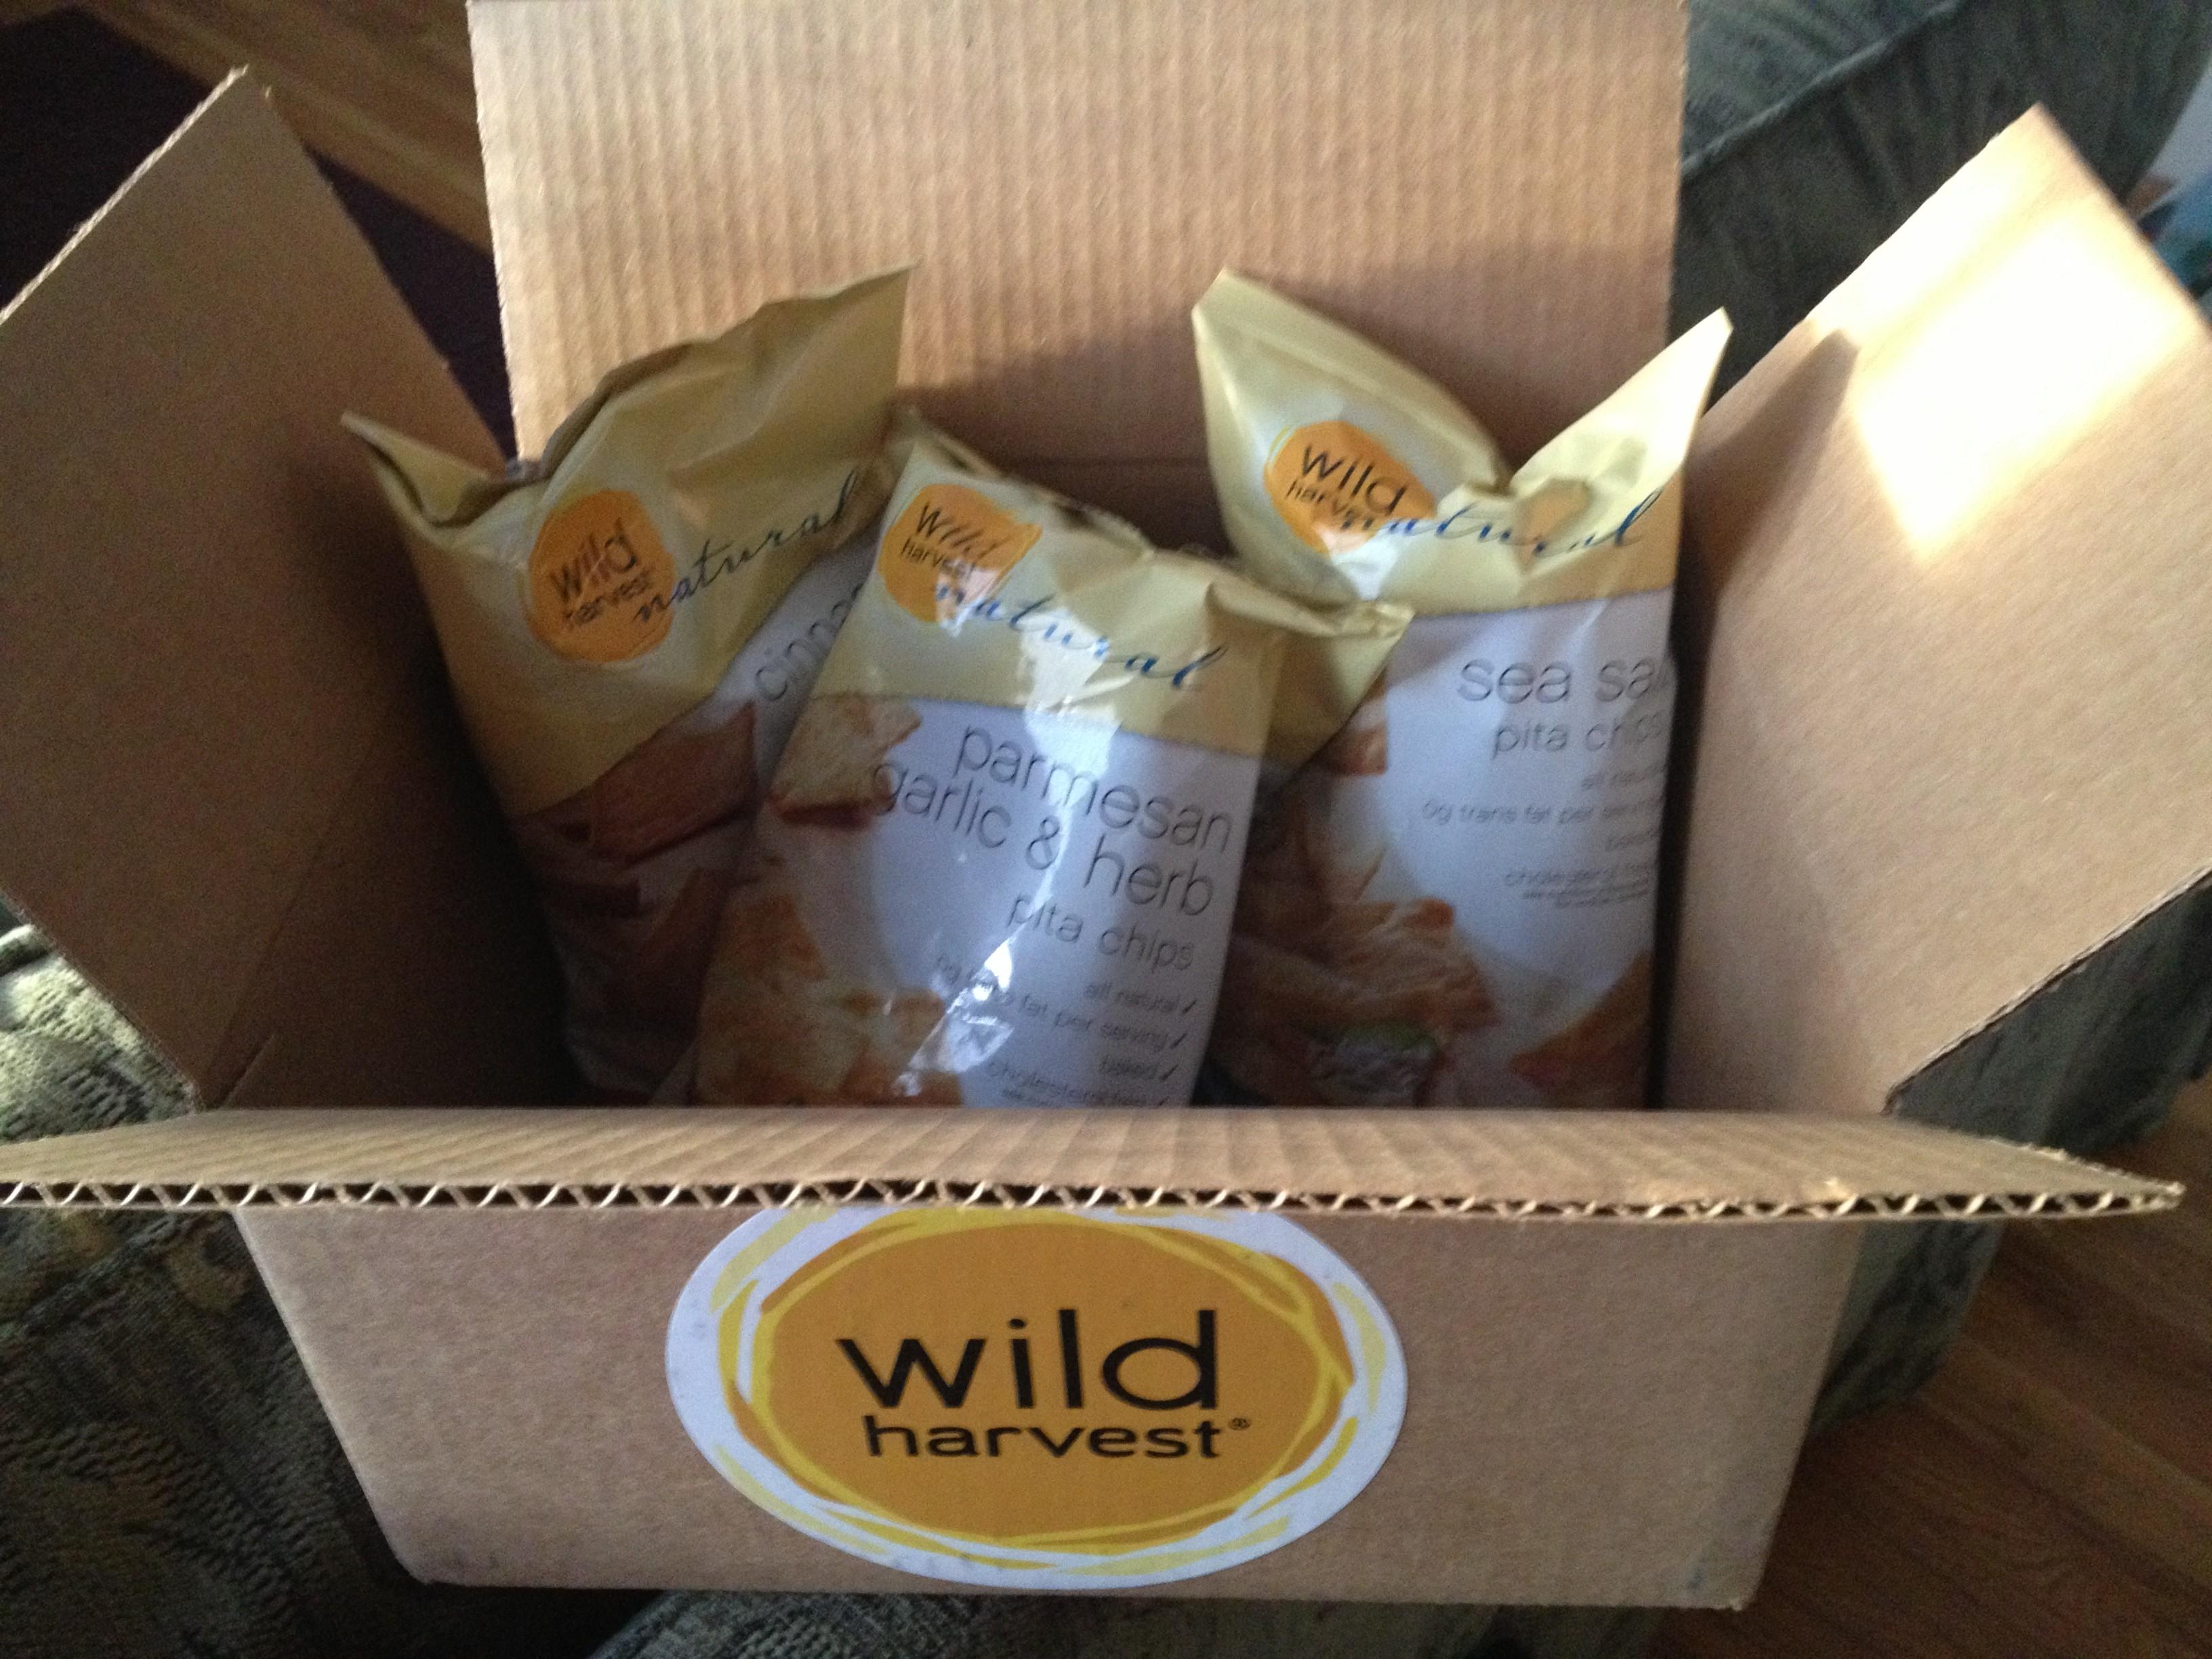 Wild Harvest Pita Chips